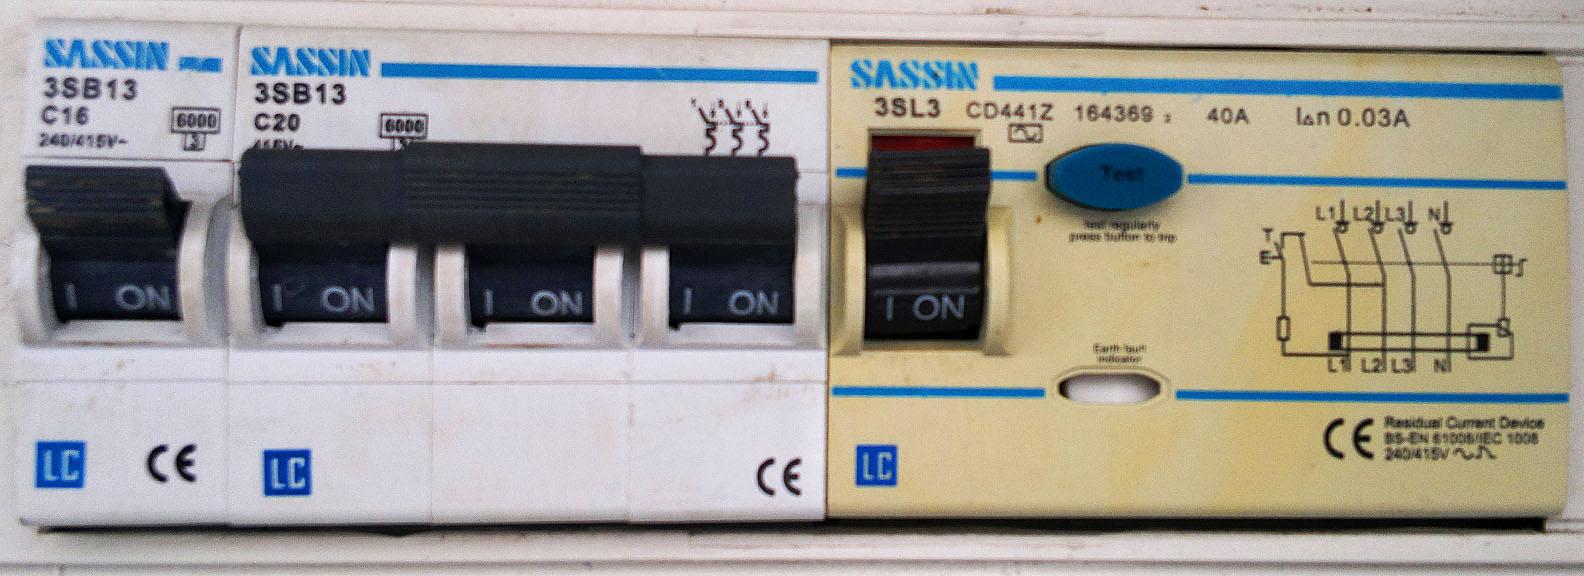 R�nic�wka nie dzia�a: SASSIN 3SL3 CD441Z 40A, 30mA